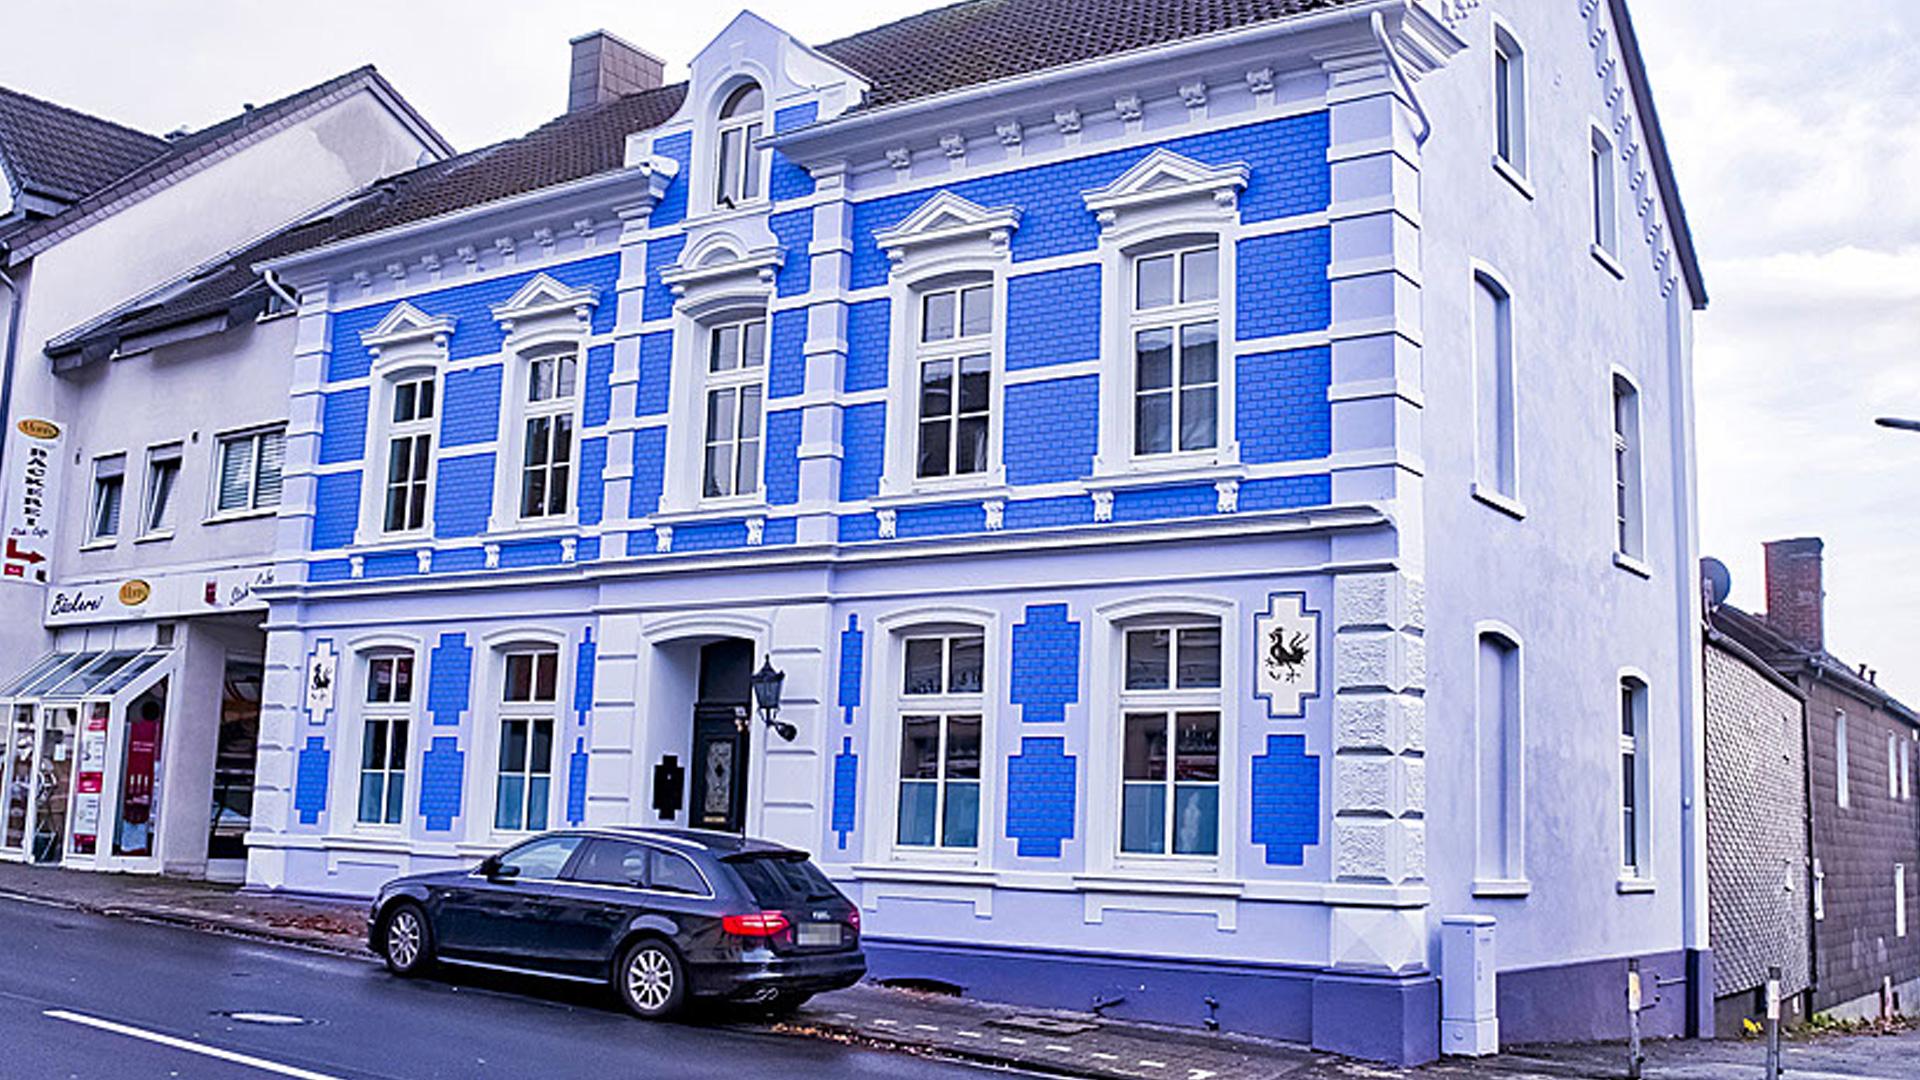 Die Außenfassade eines Altbaus mit blauen Ziegeln